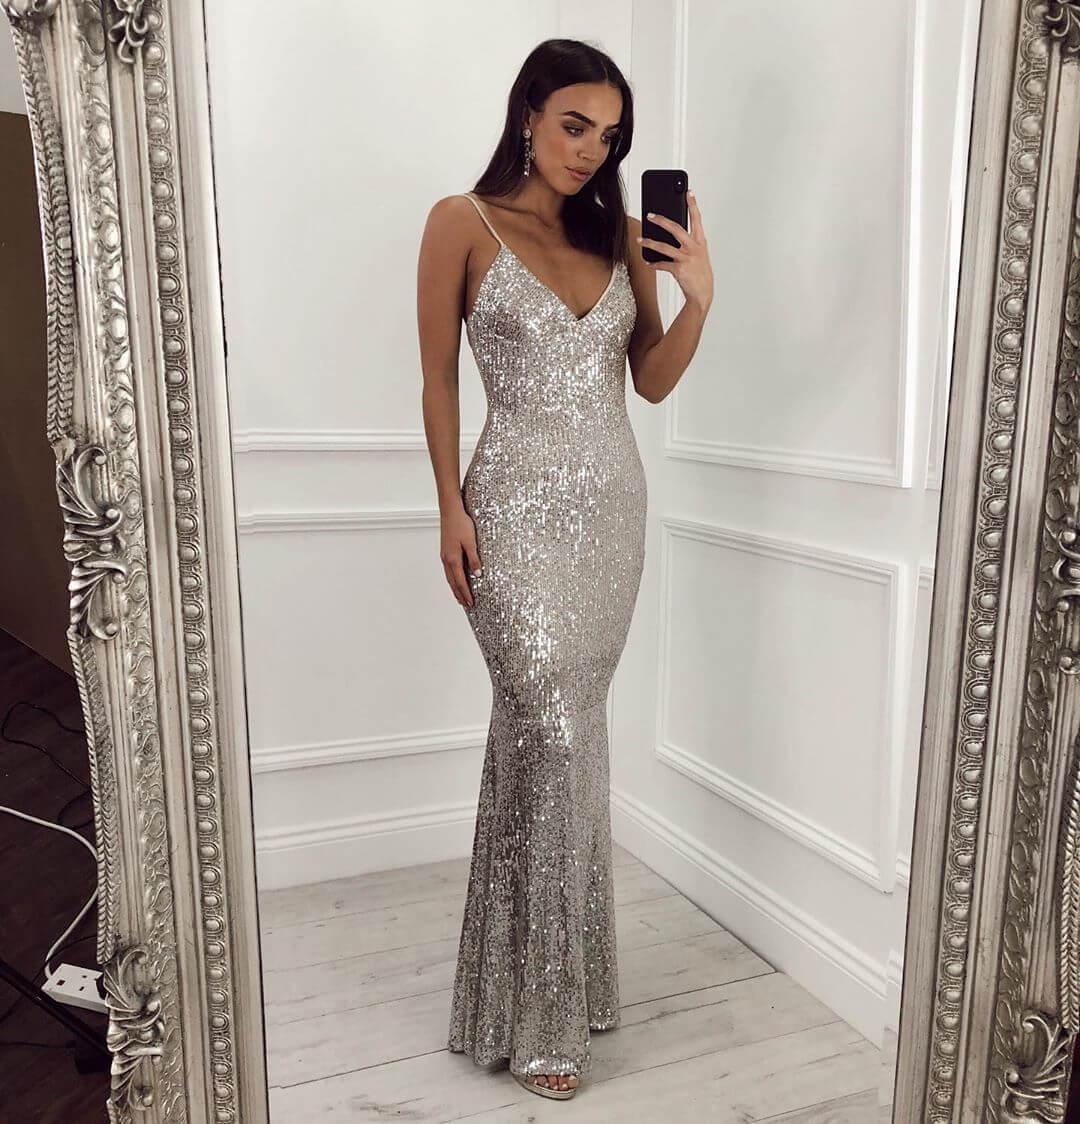 Model wears a floor length silver sequin dress in a mirror selfie